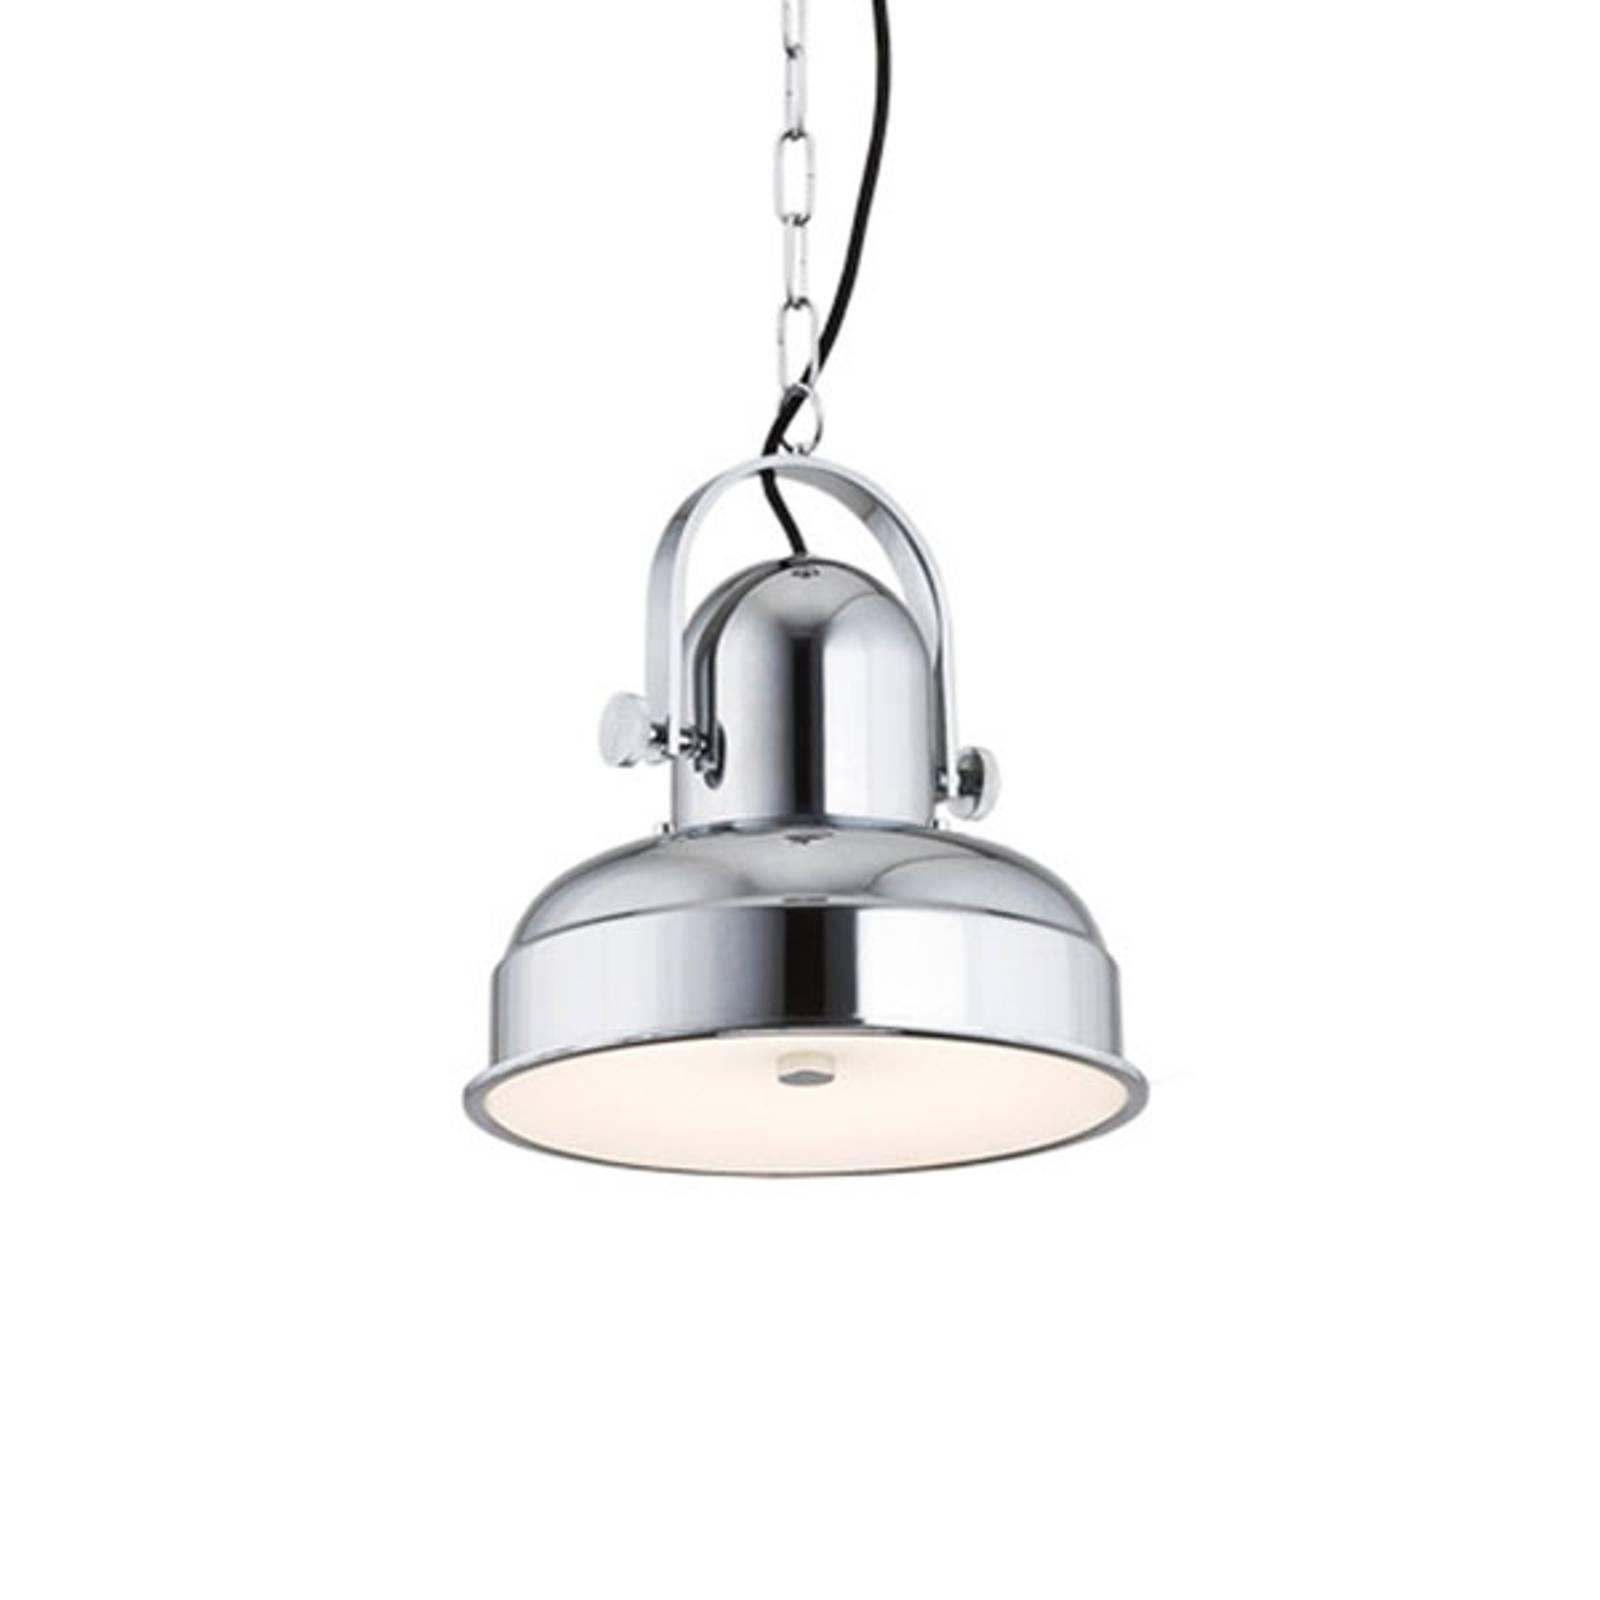 Lampada LED a sospensione Forada, cromo